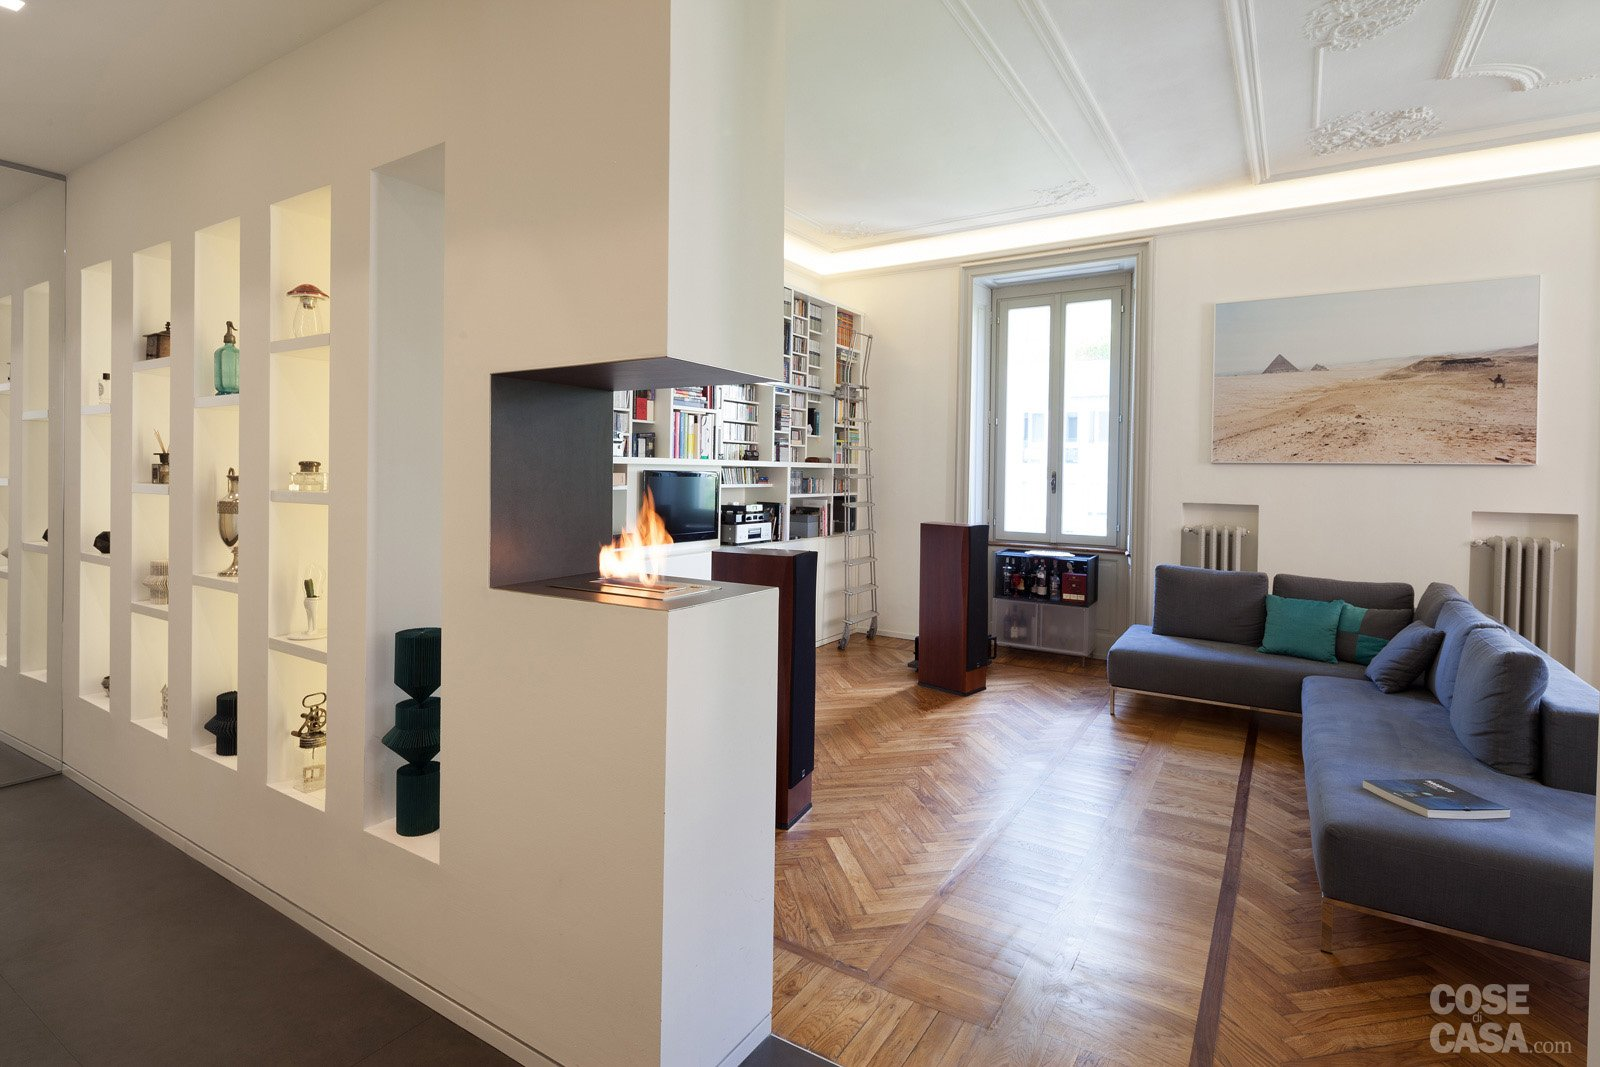 108 mq con nuove divisioni cose di casa for Disegni di casa italiana moderna